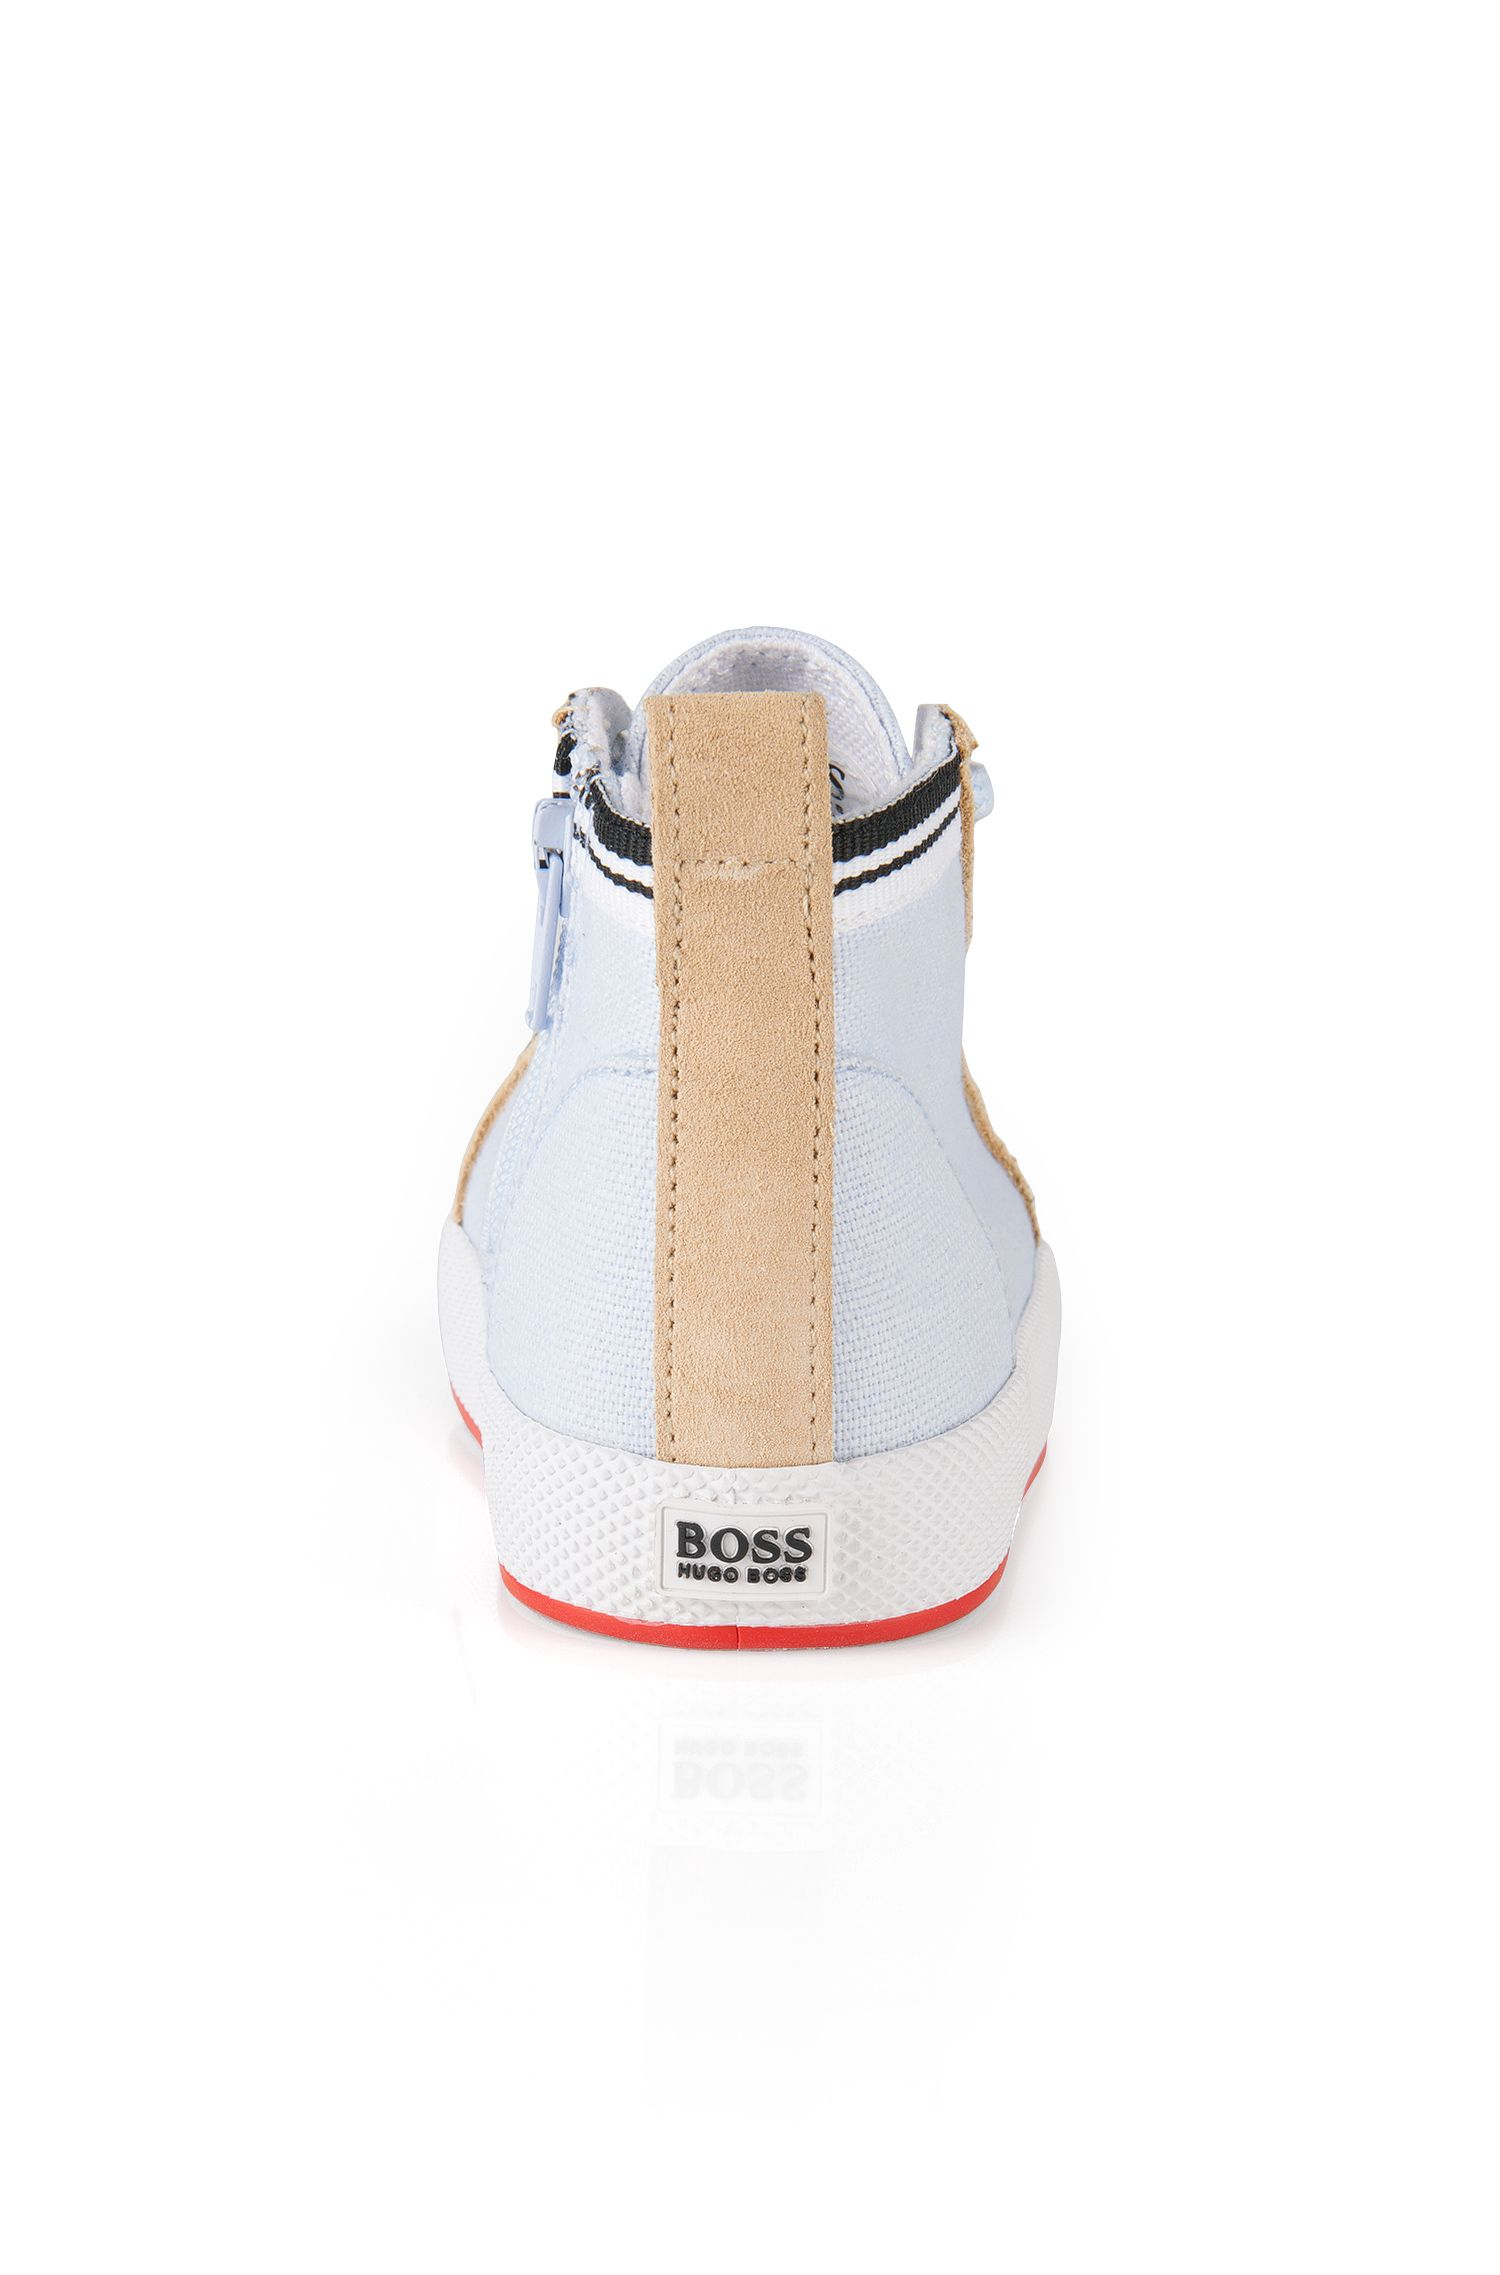 Schoenen om te leren lopen, met leerdetails: 'J09064'